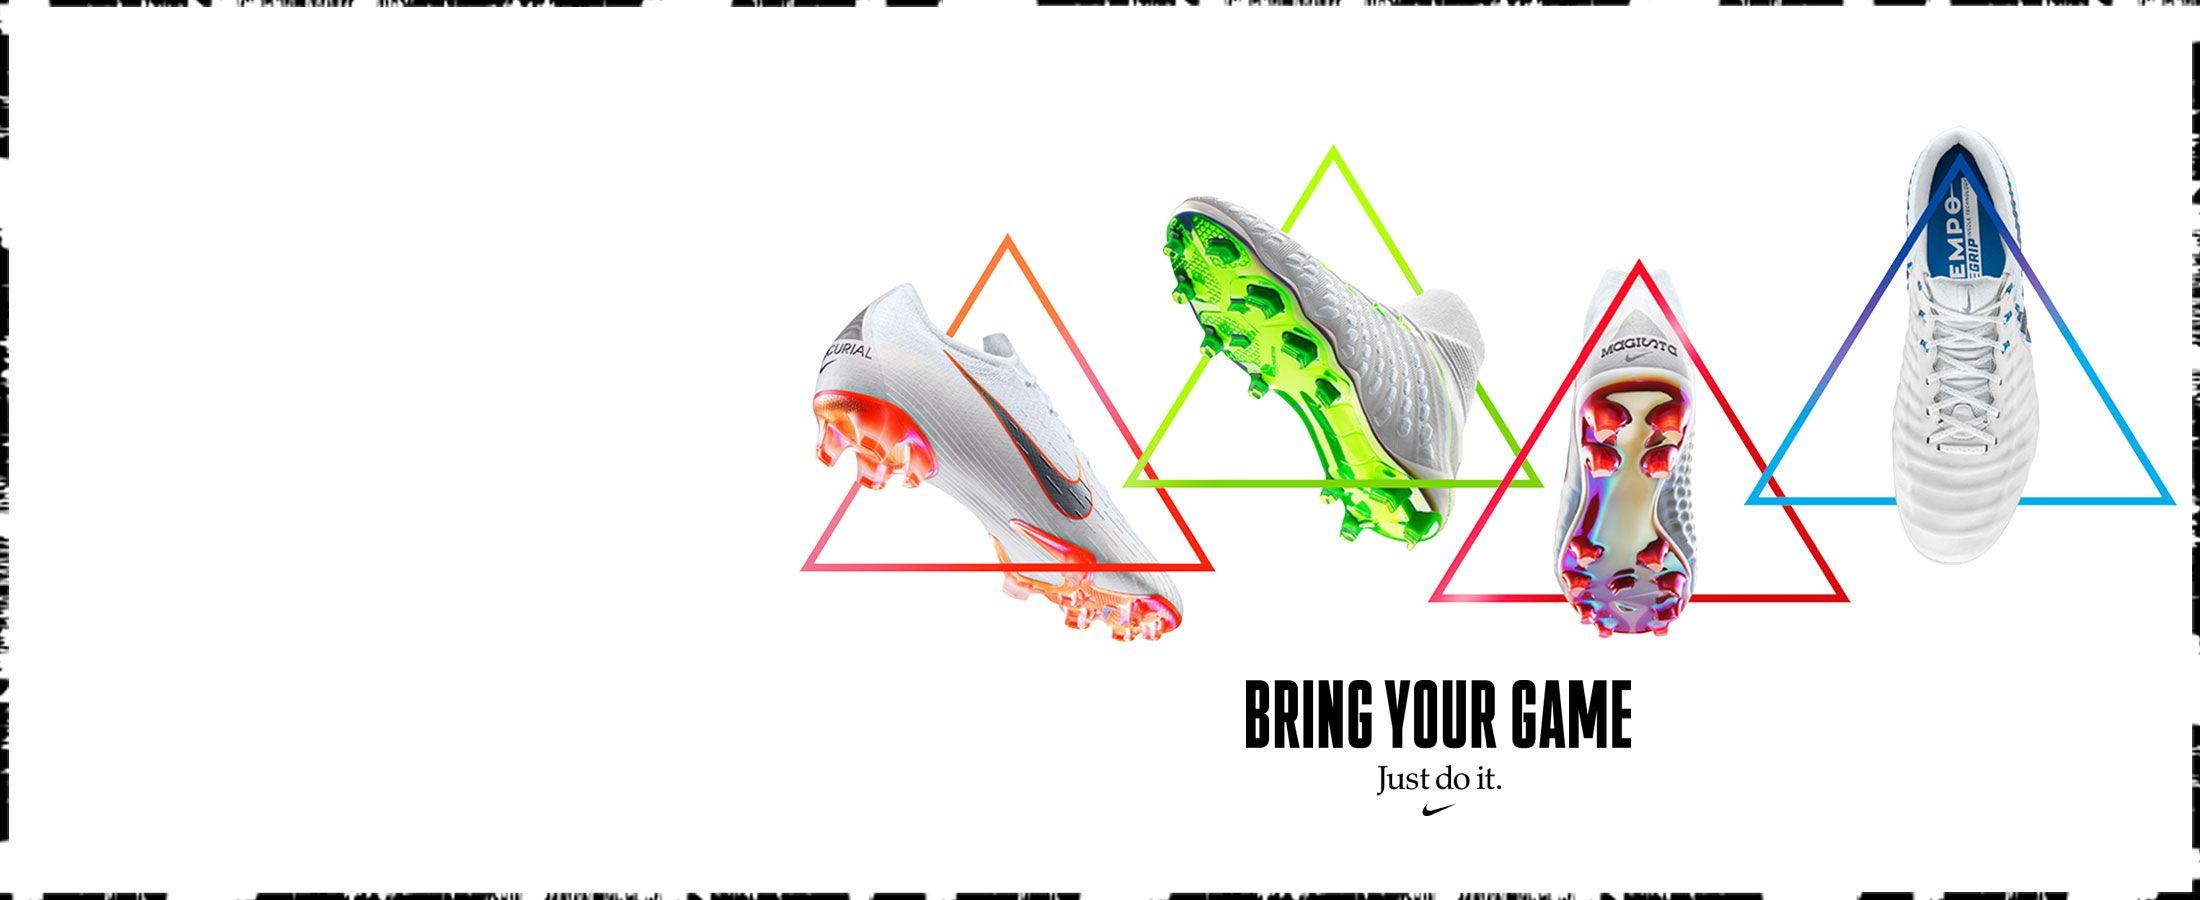 Nueva colección de botas de fútbol Nike Just Do It